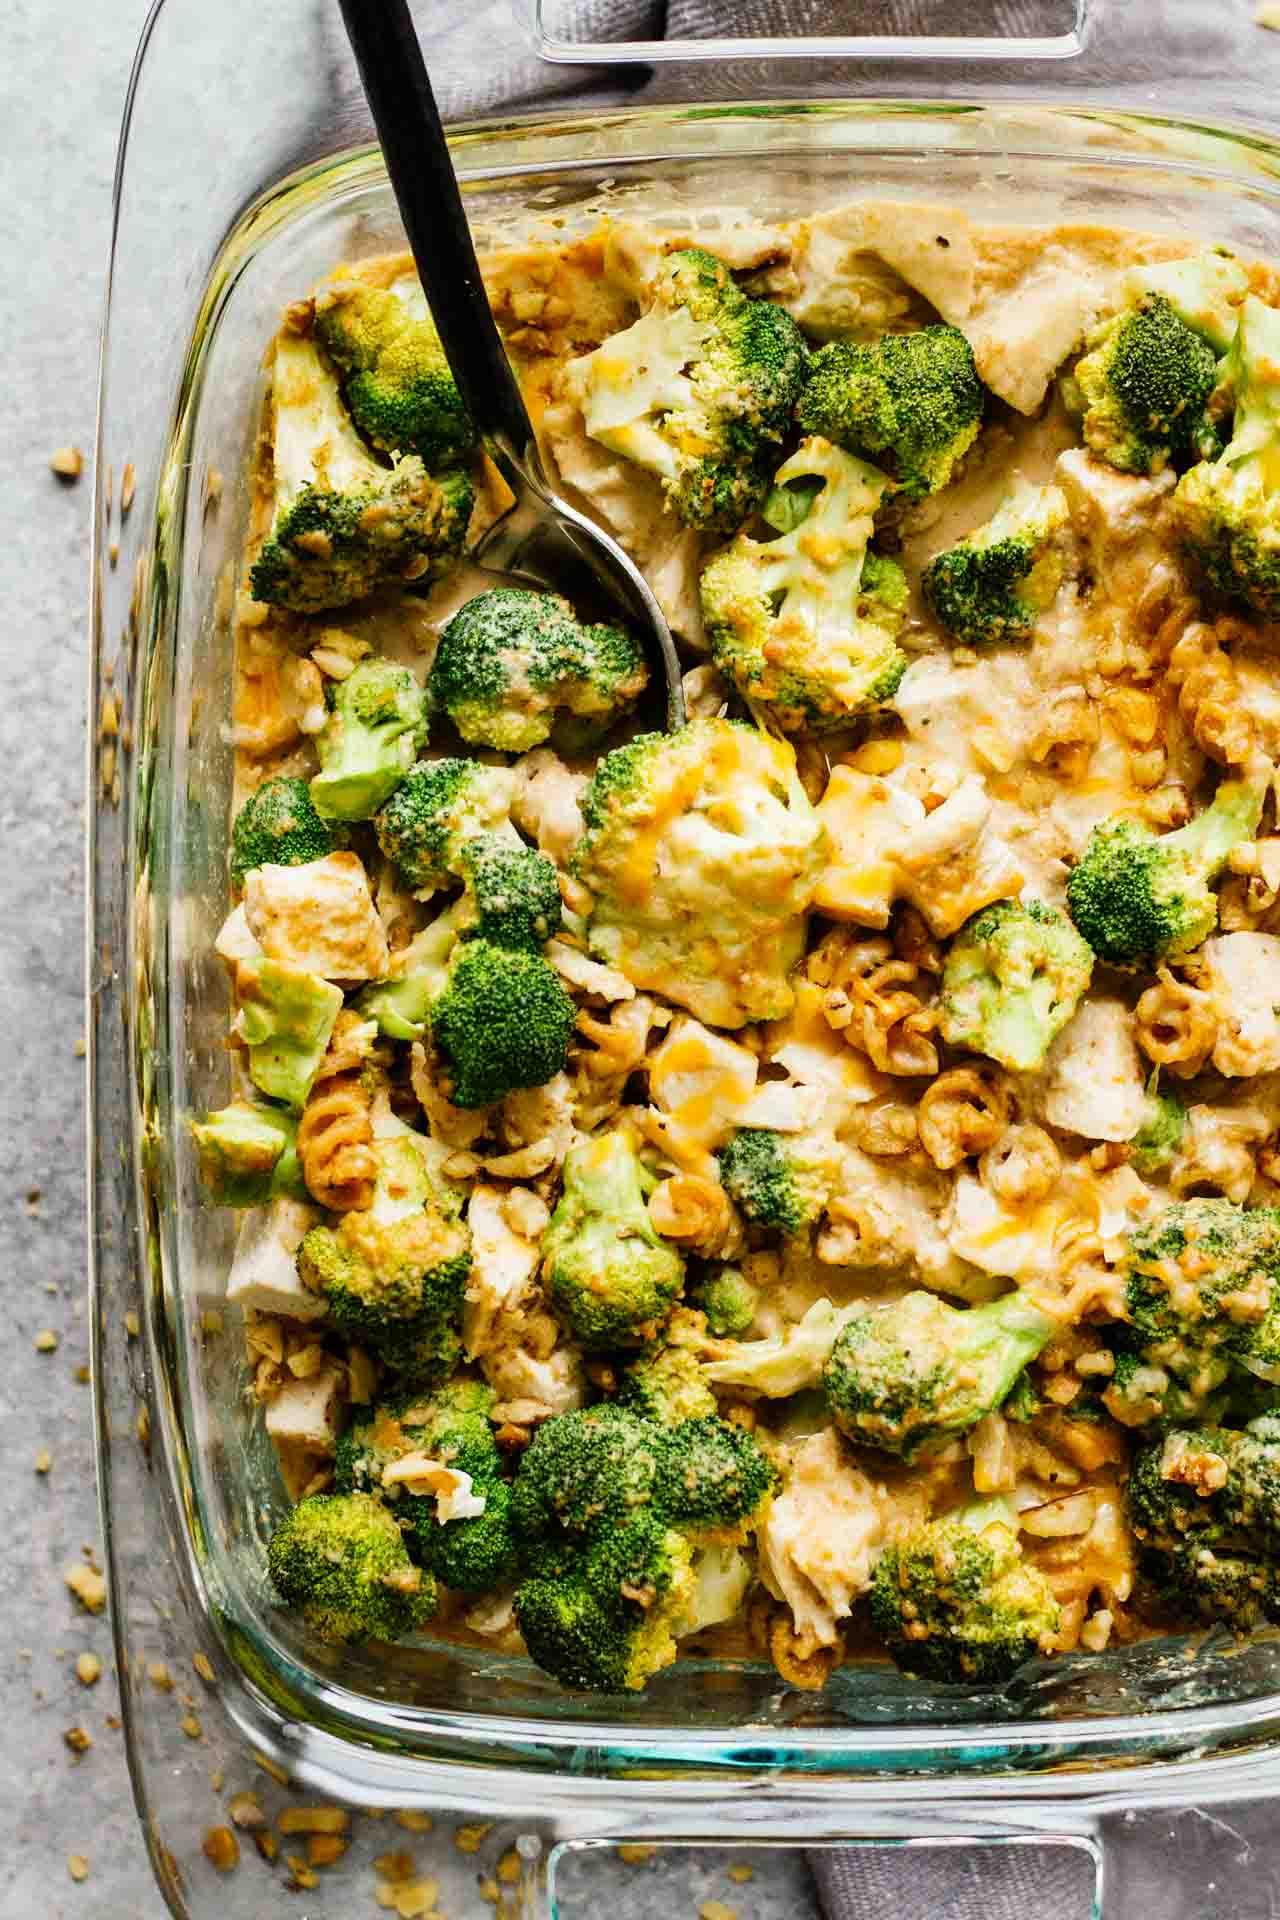 Healthy Chicken And Broccoli Casserole  Healthy Chicken Broccoli Pasta Casserole Jar Lemons